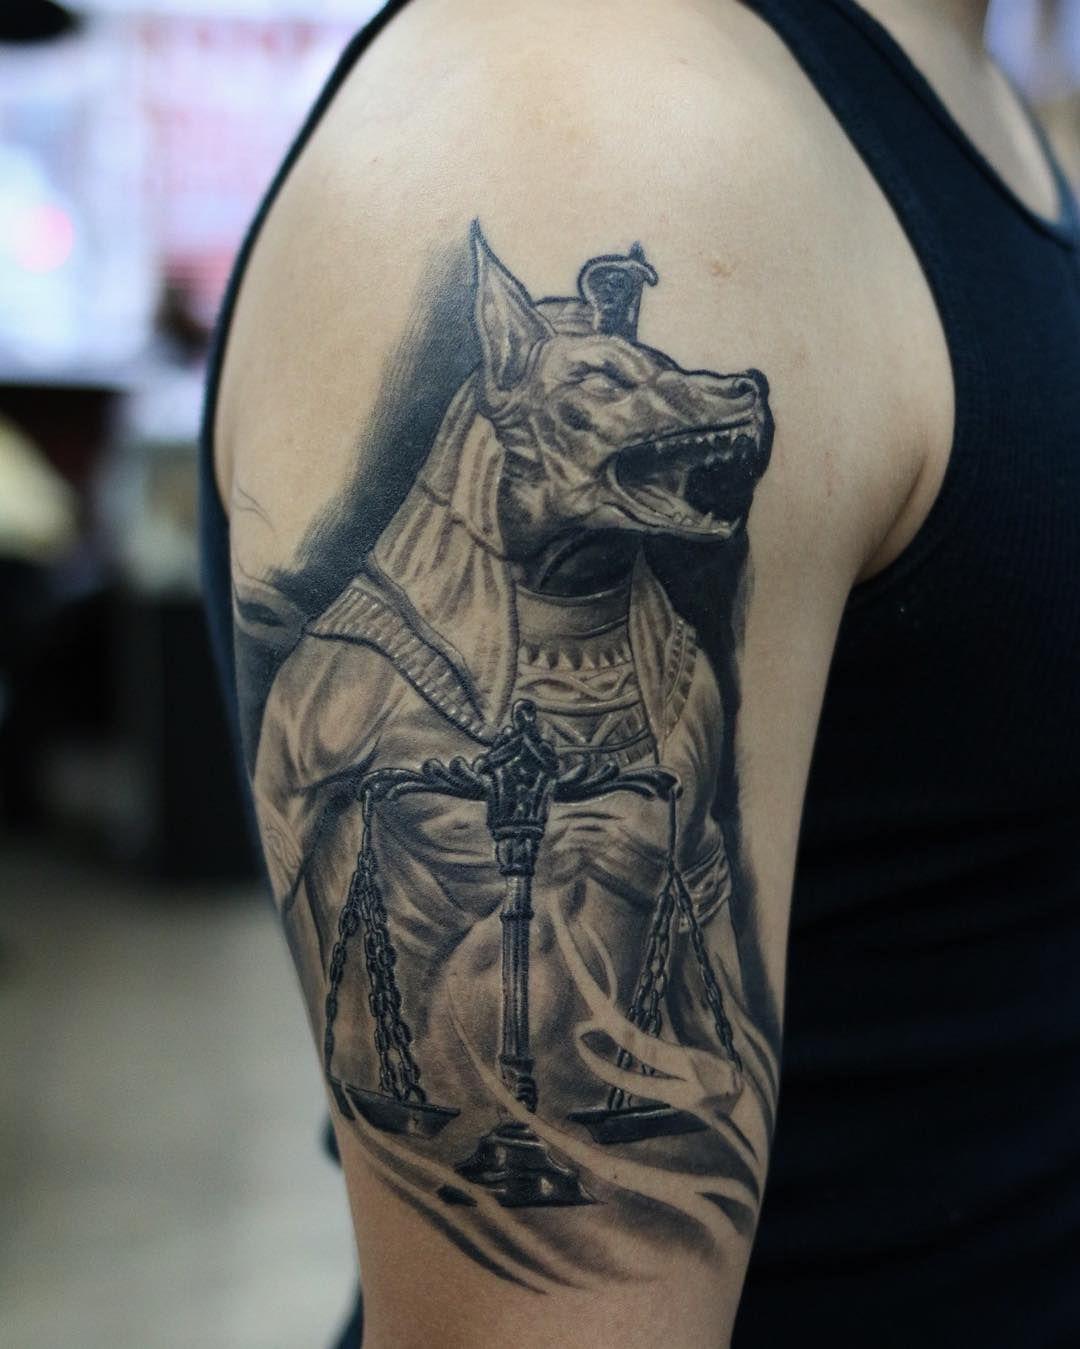 Sleeve Tattoo Designs Half Sleeve Tattoo Designs Fox Half Sleeve Half Sleeve Tattoos Designs Best Sleeve Tattoos Tattoos For Guys